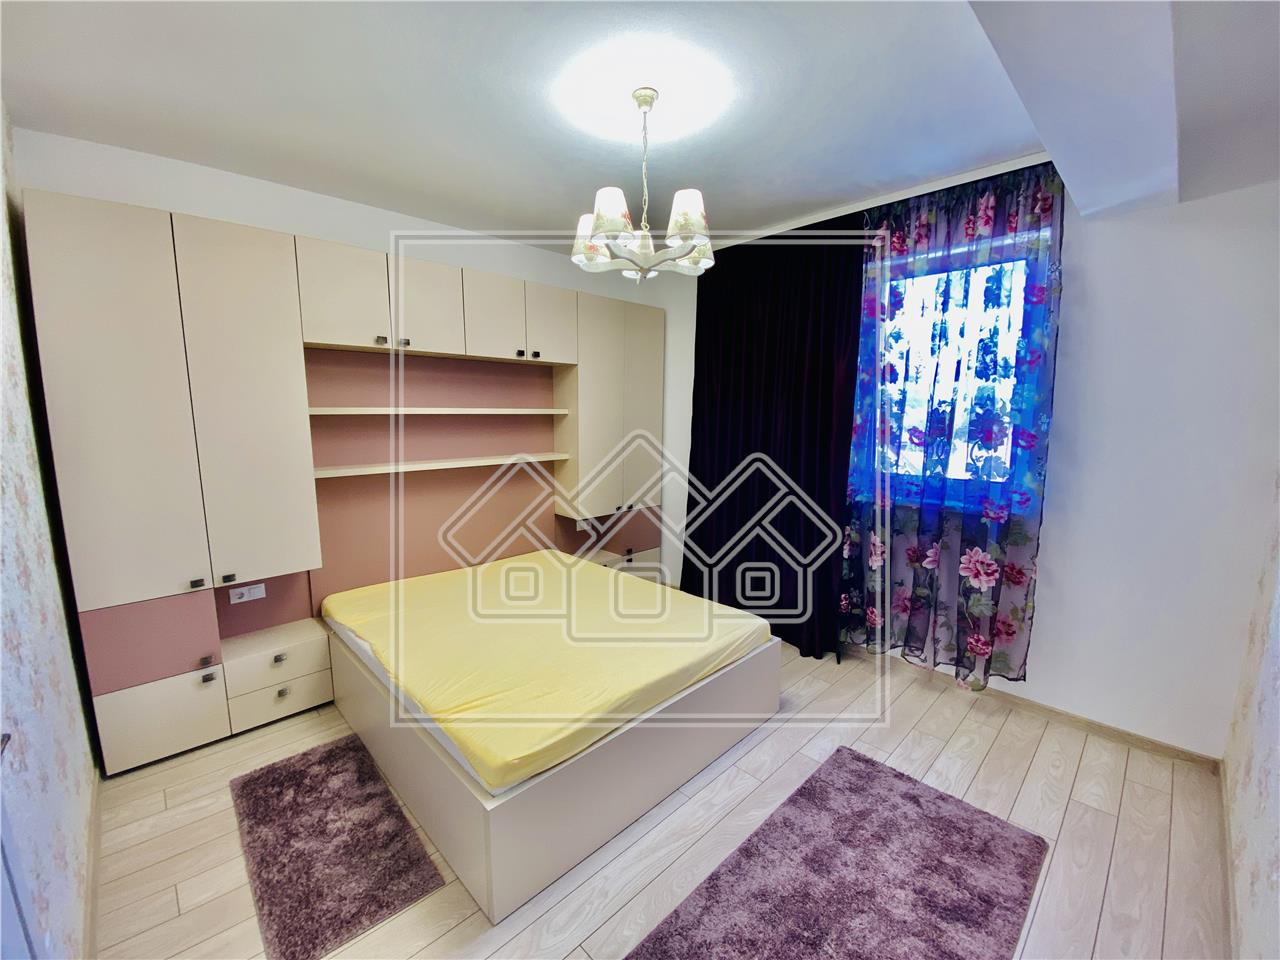 Apartament de inchiriat in Sibiu -3 camere, 2 bai si balcon-Lazaret